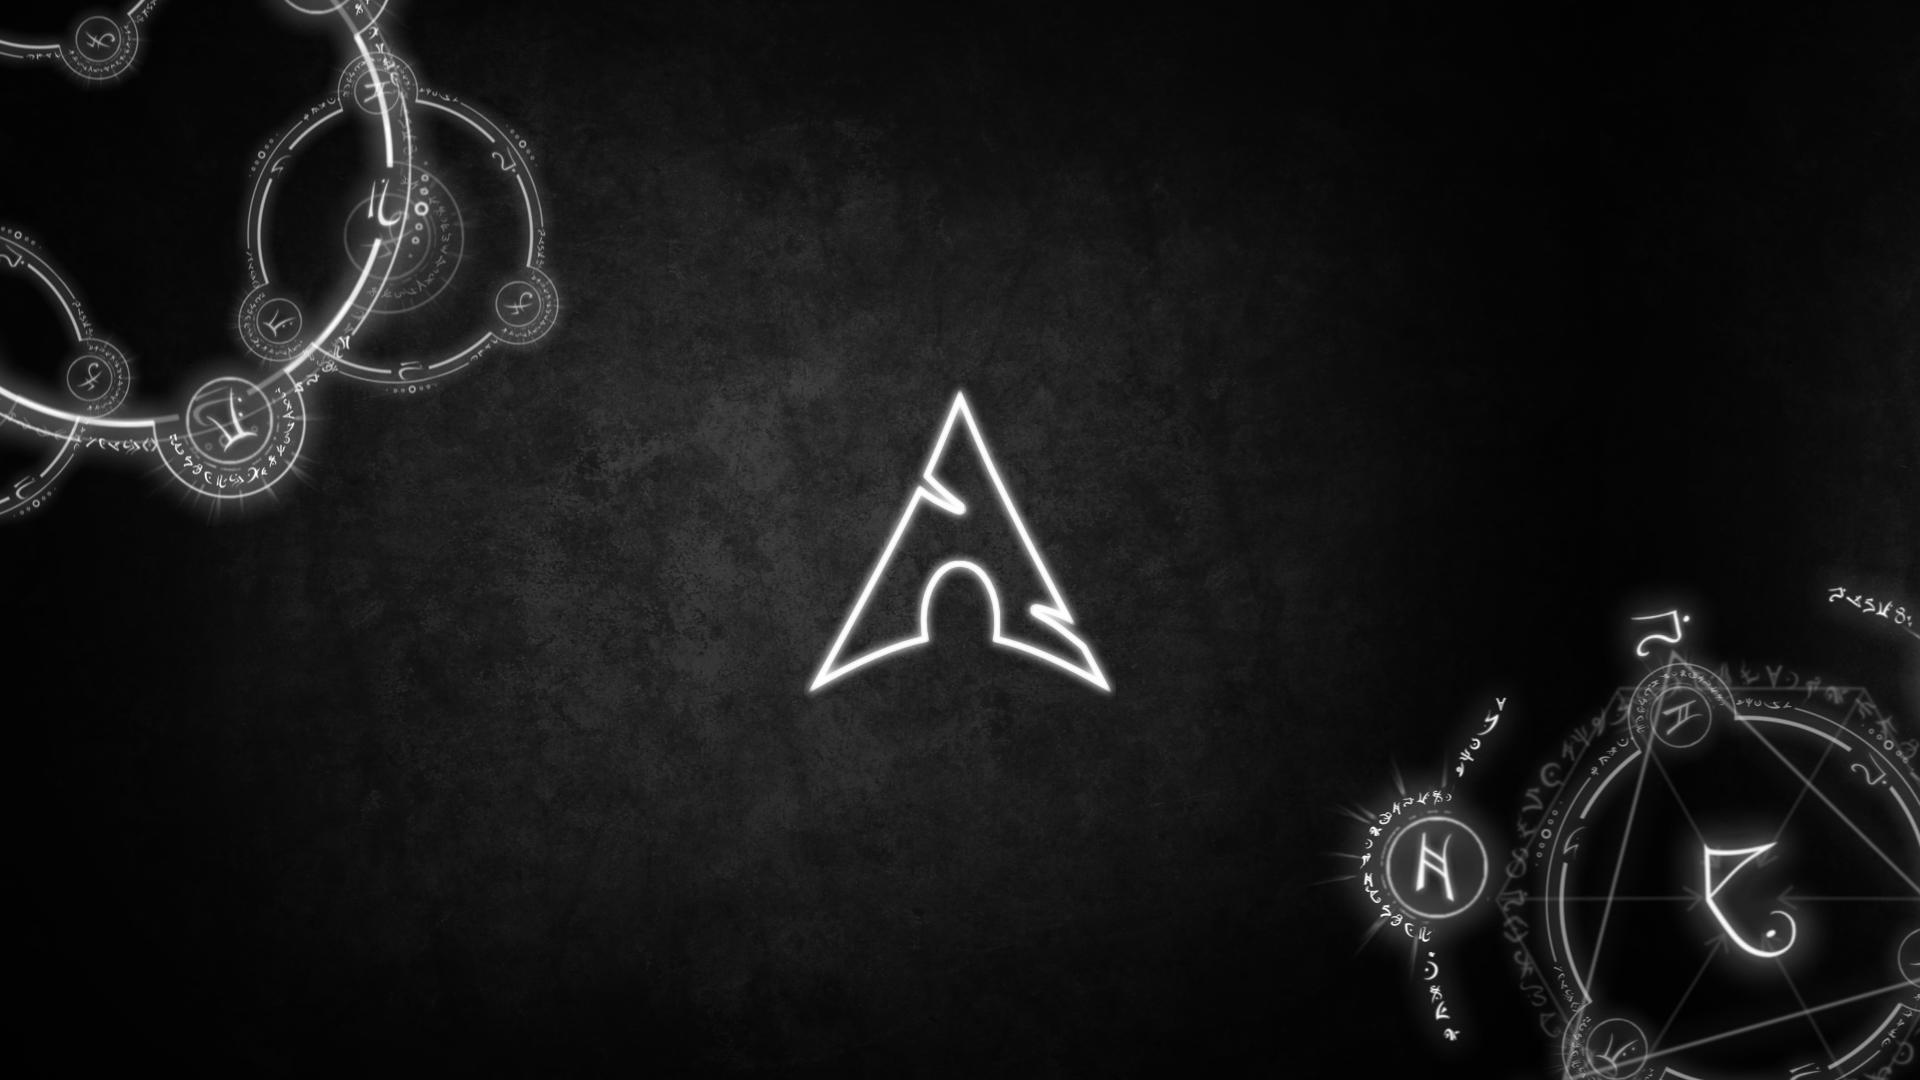 Archlinux Runed Linux Wallpaper Geek Stuff